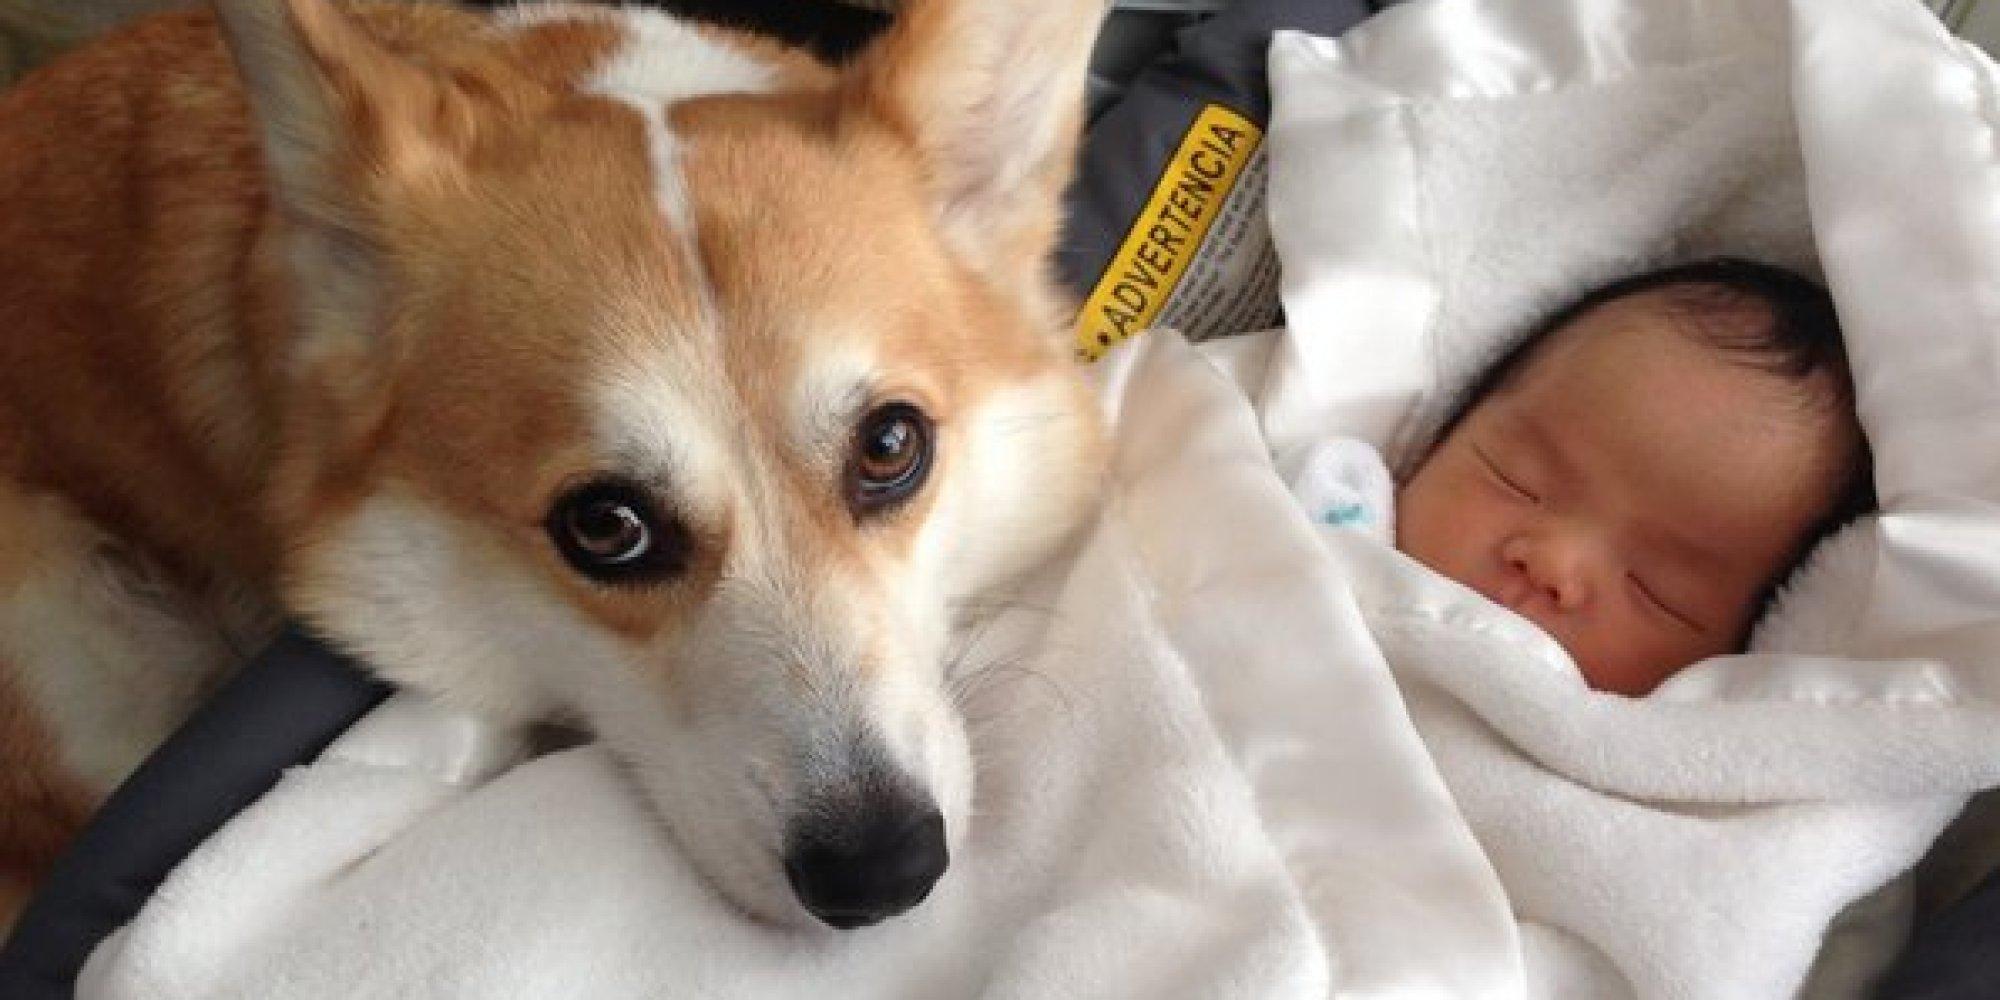 Dog And Human Mix Dog and human baby